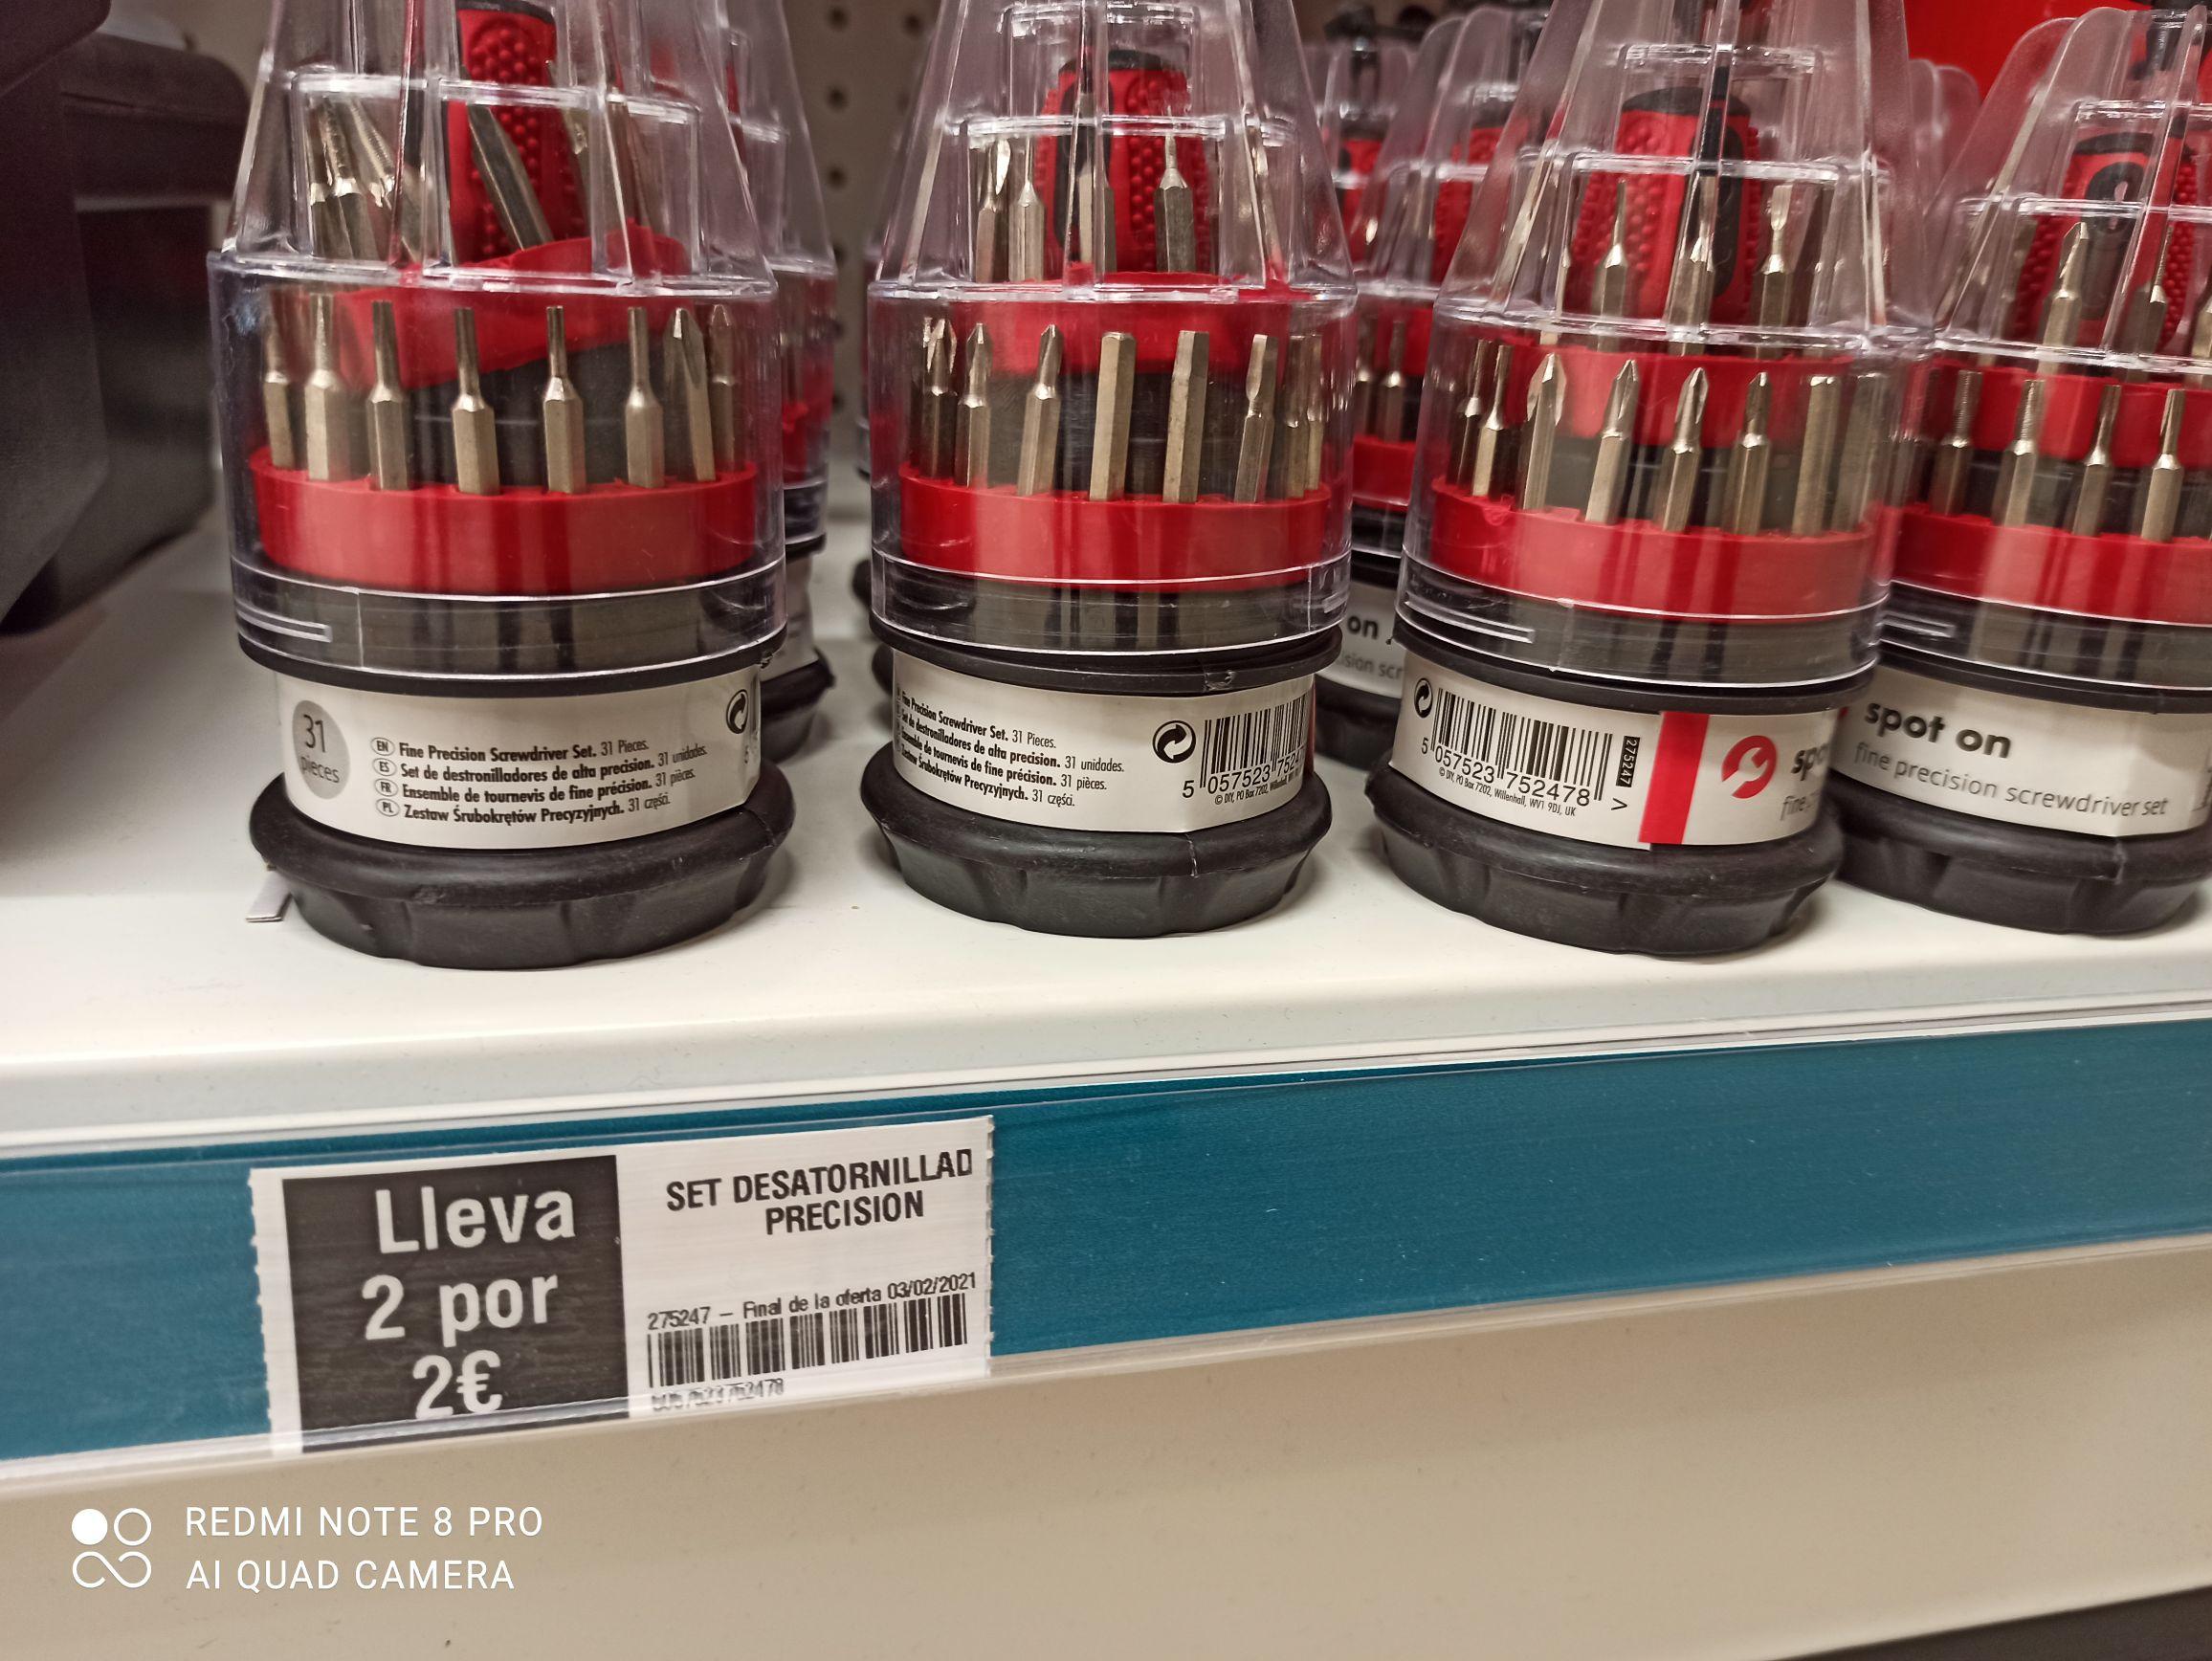 Destornillador de precision 2x2 Euros en tiendas Dealz